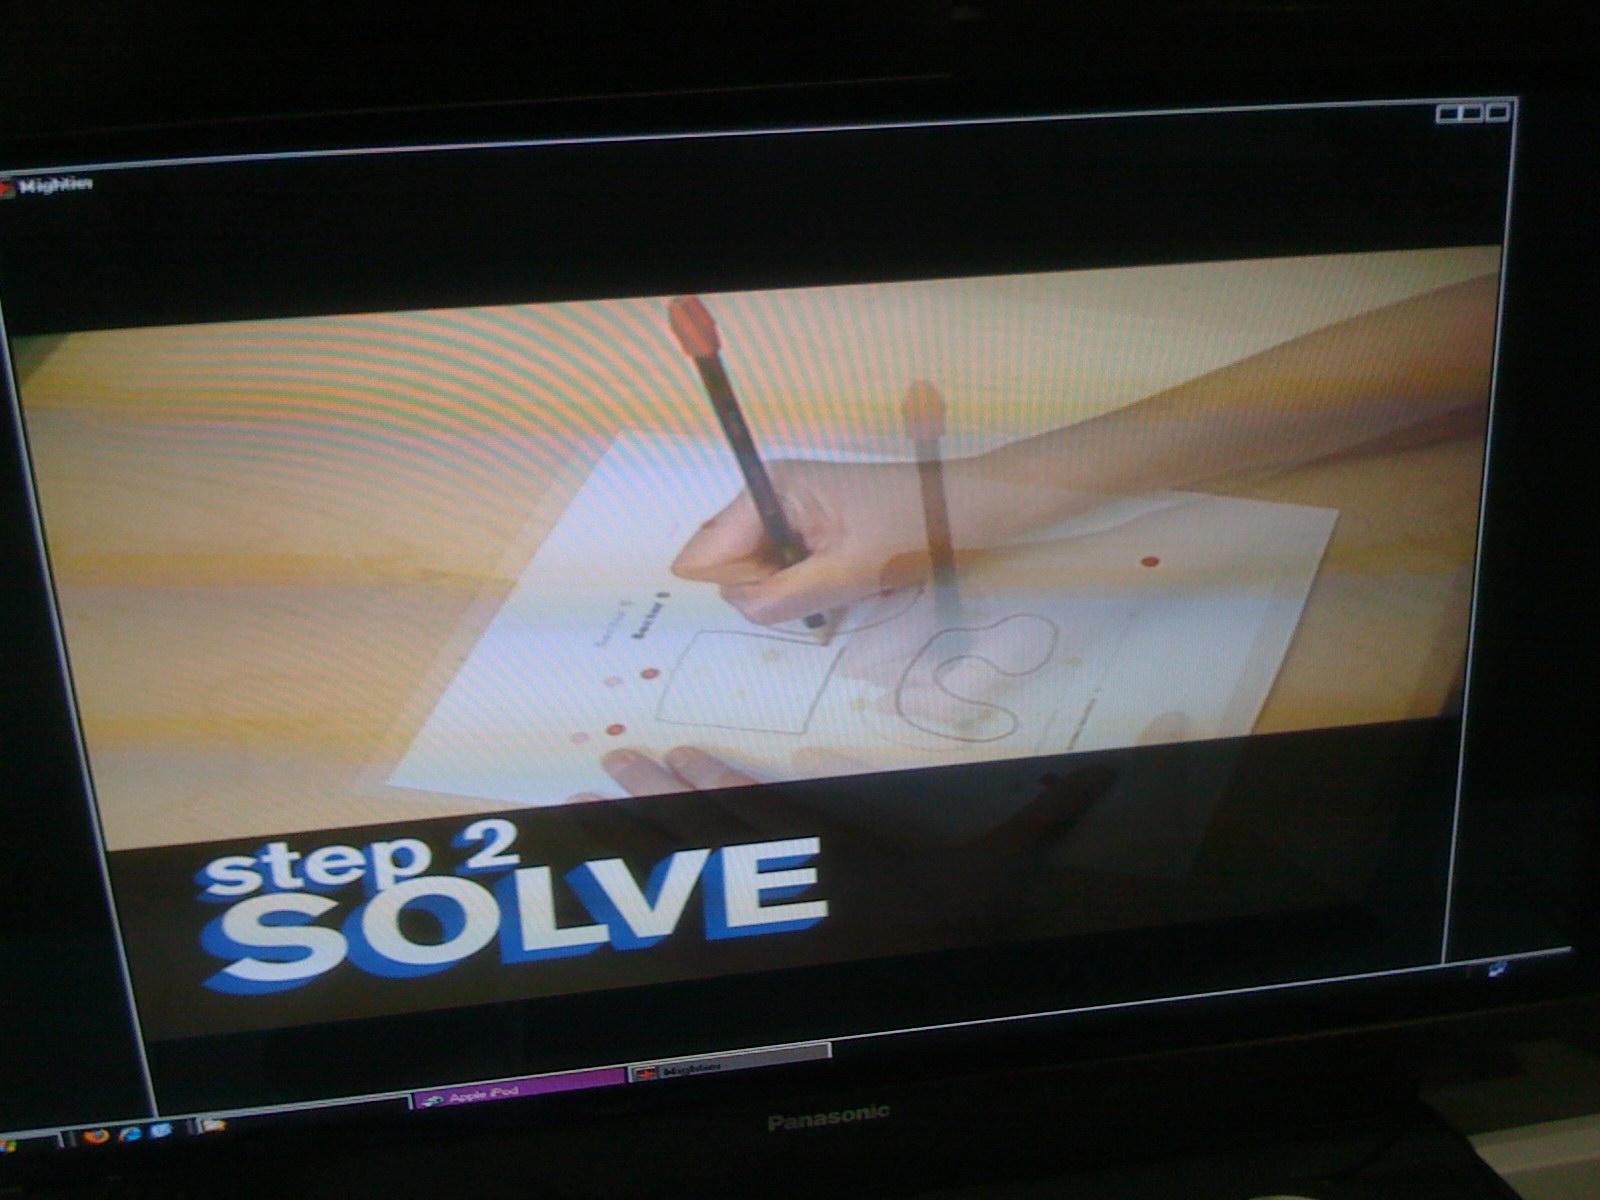 Mightier solve